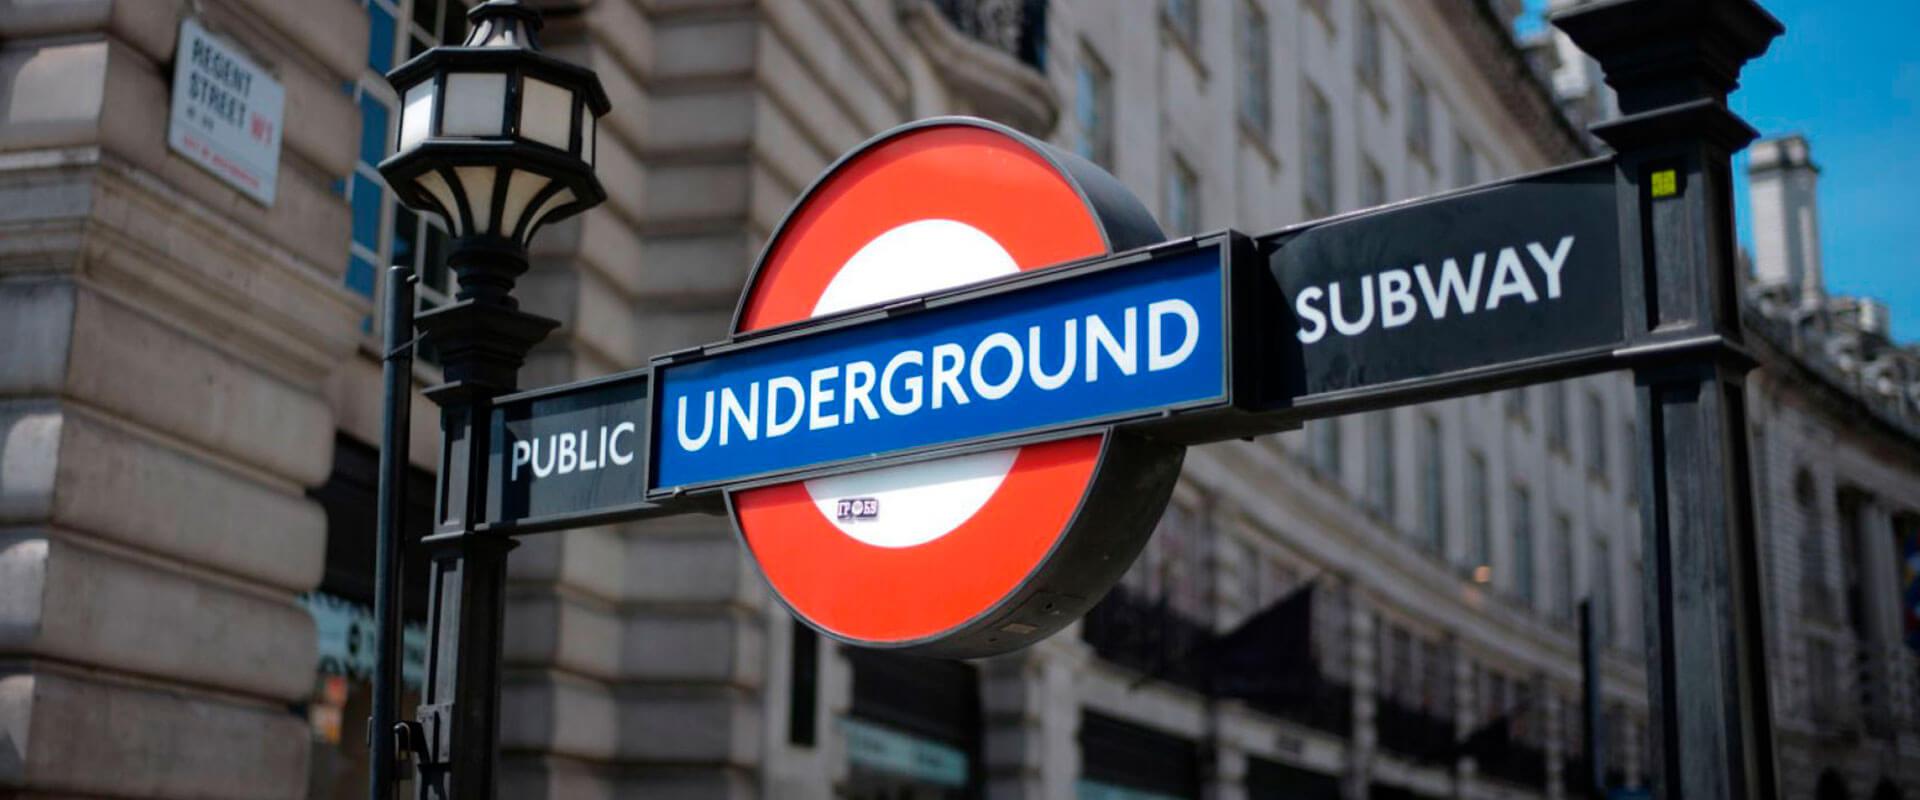 ws-estudios-en-el-exterior-reino-unido-underground